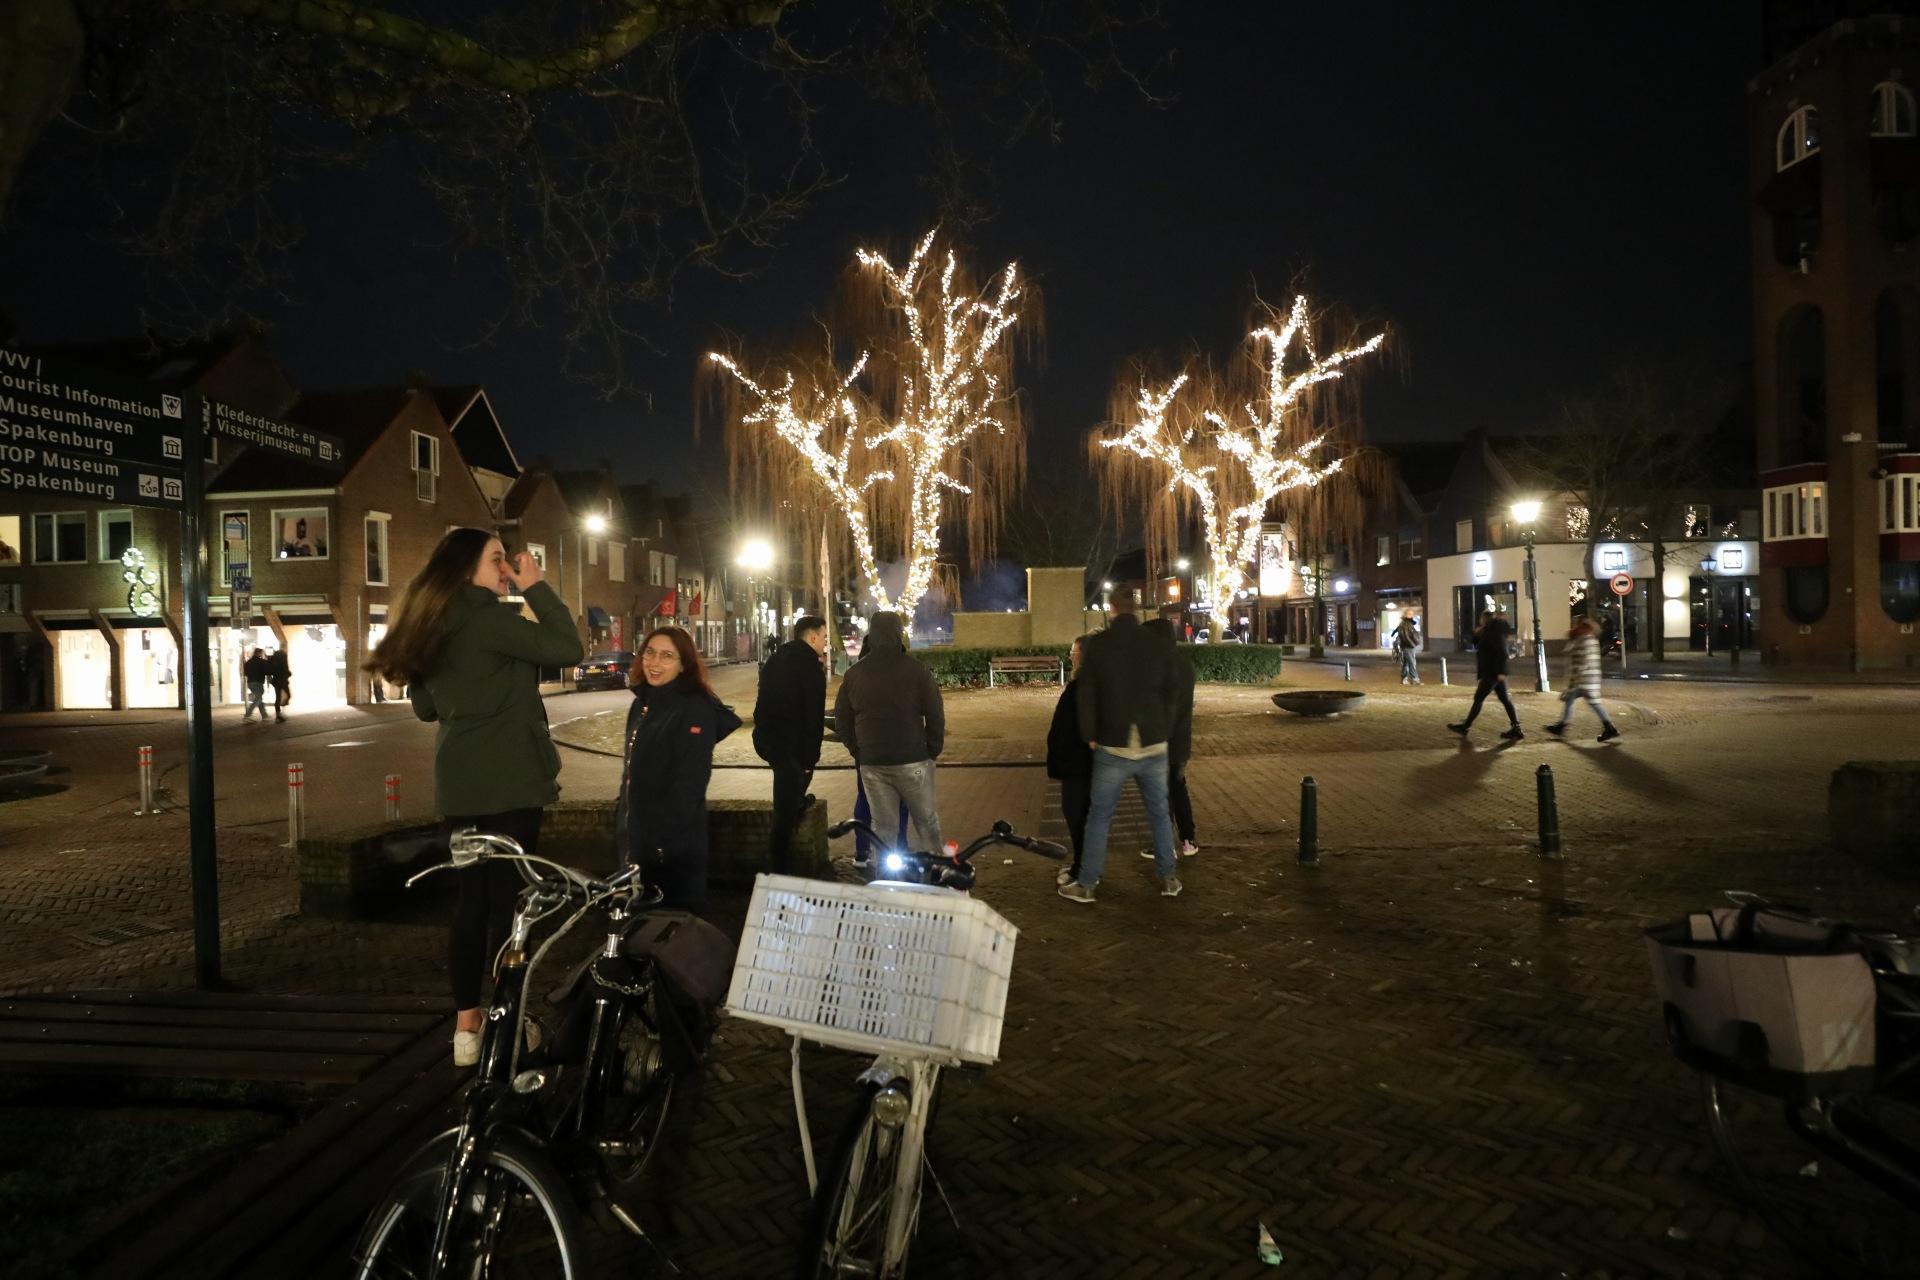 Spakenburgers massaal naar Spuiplein om hun dorp tegen mogelijke rellen en vernielingen te beschermen, onrust bleef uit [update]